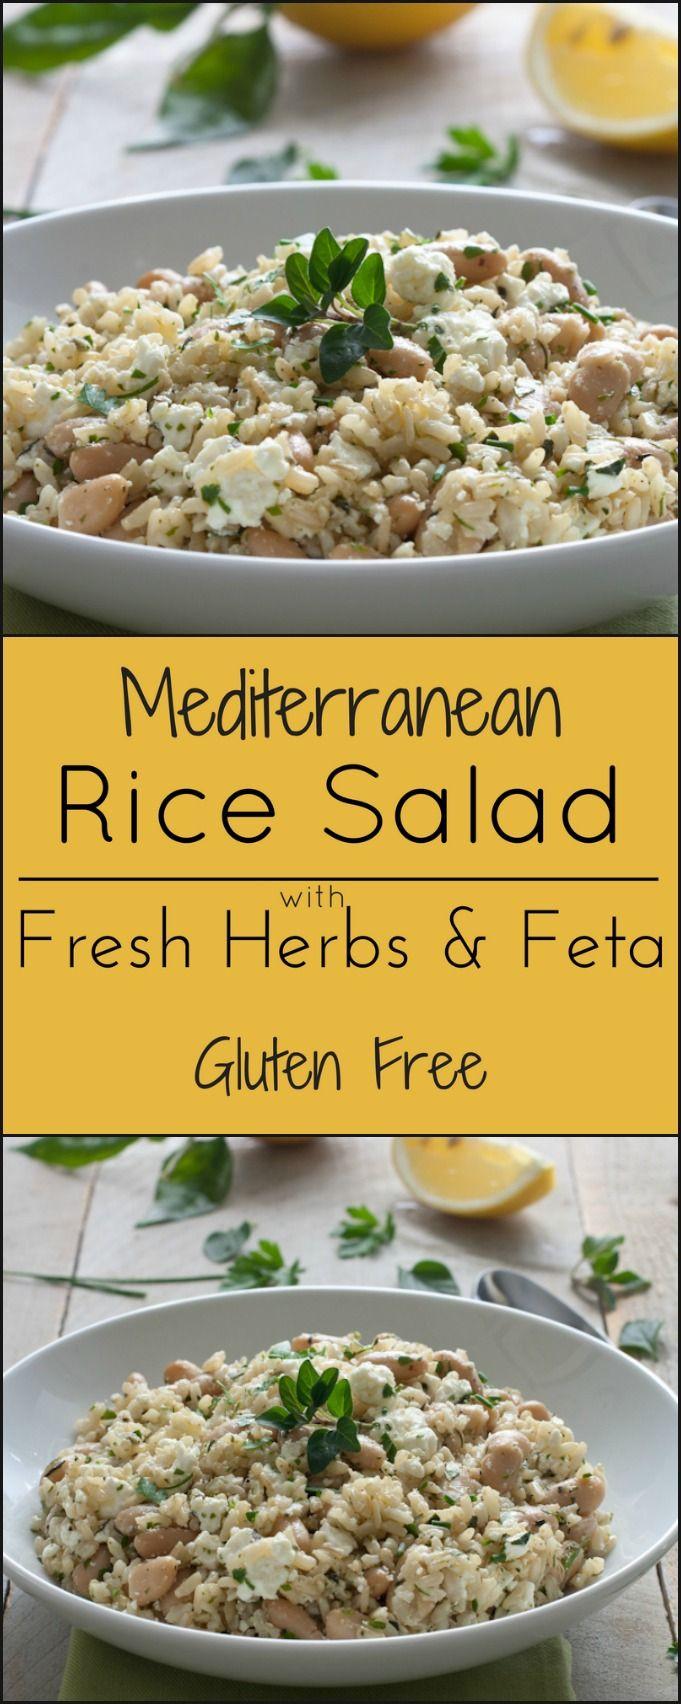 Gluten Free Side Dishes Summer  Gluten free summer side dish Mediterranean Rice Salad